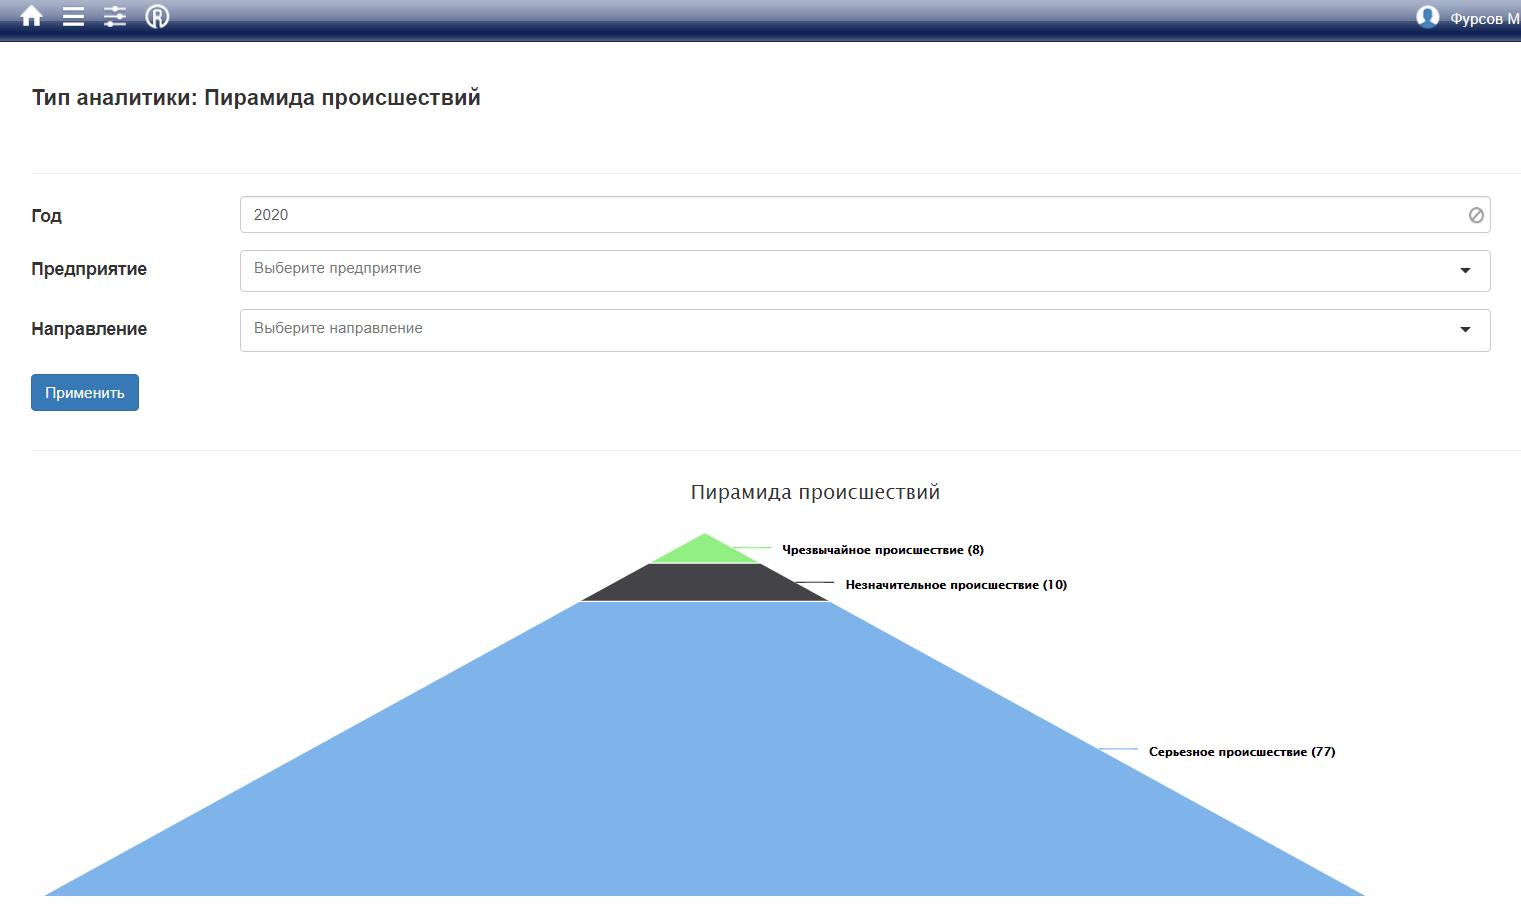 Картинка - аналитика пирамида происшествий